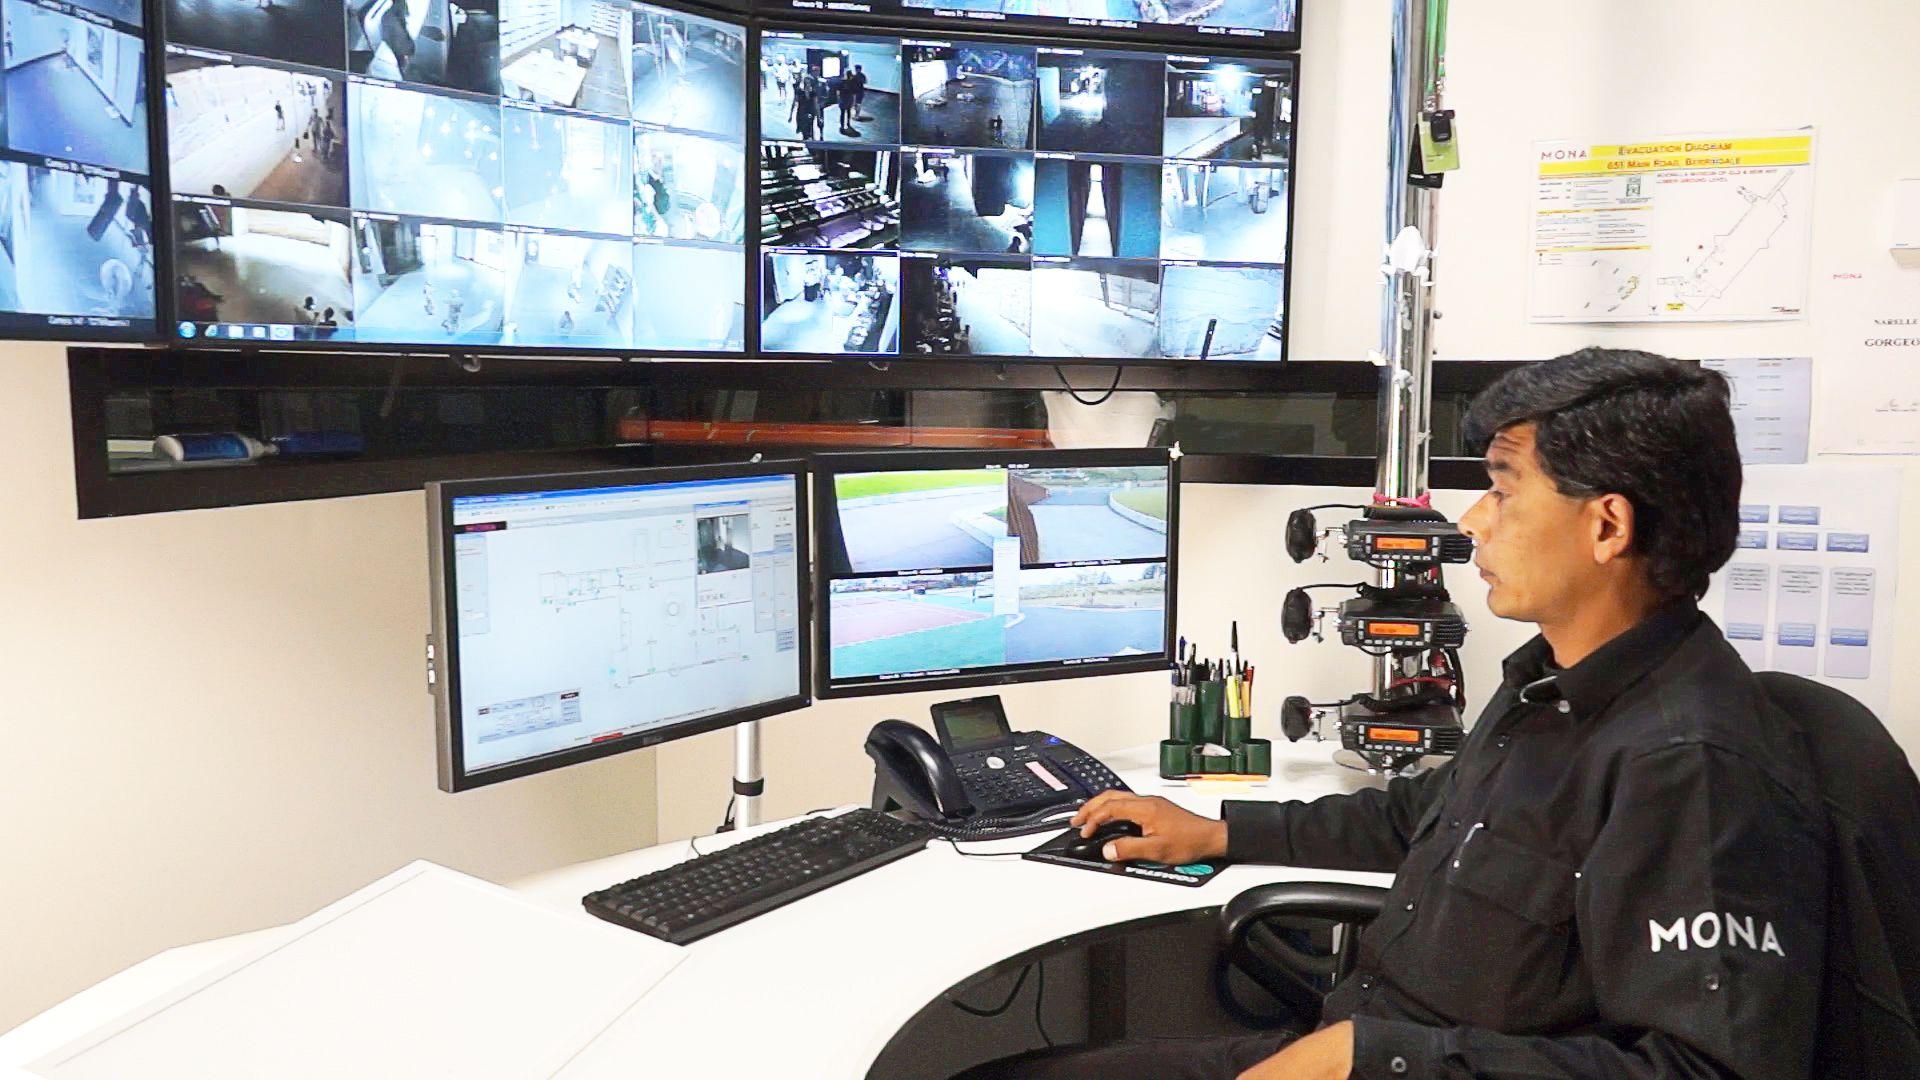 SecurityOfficerincontrolroom.jpg 1,920×1,080 pixels